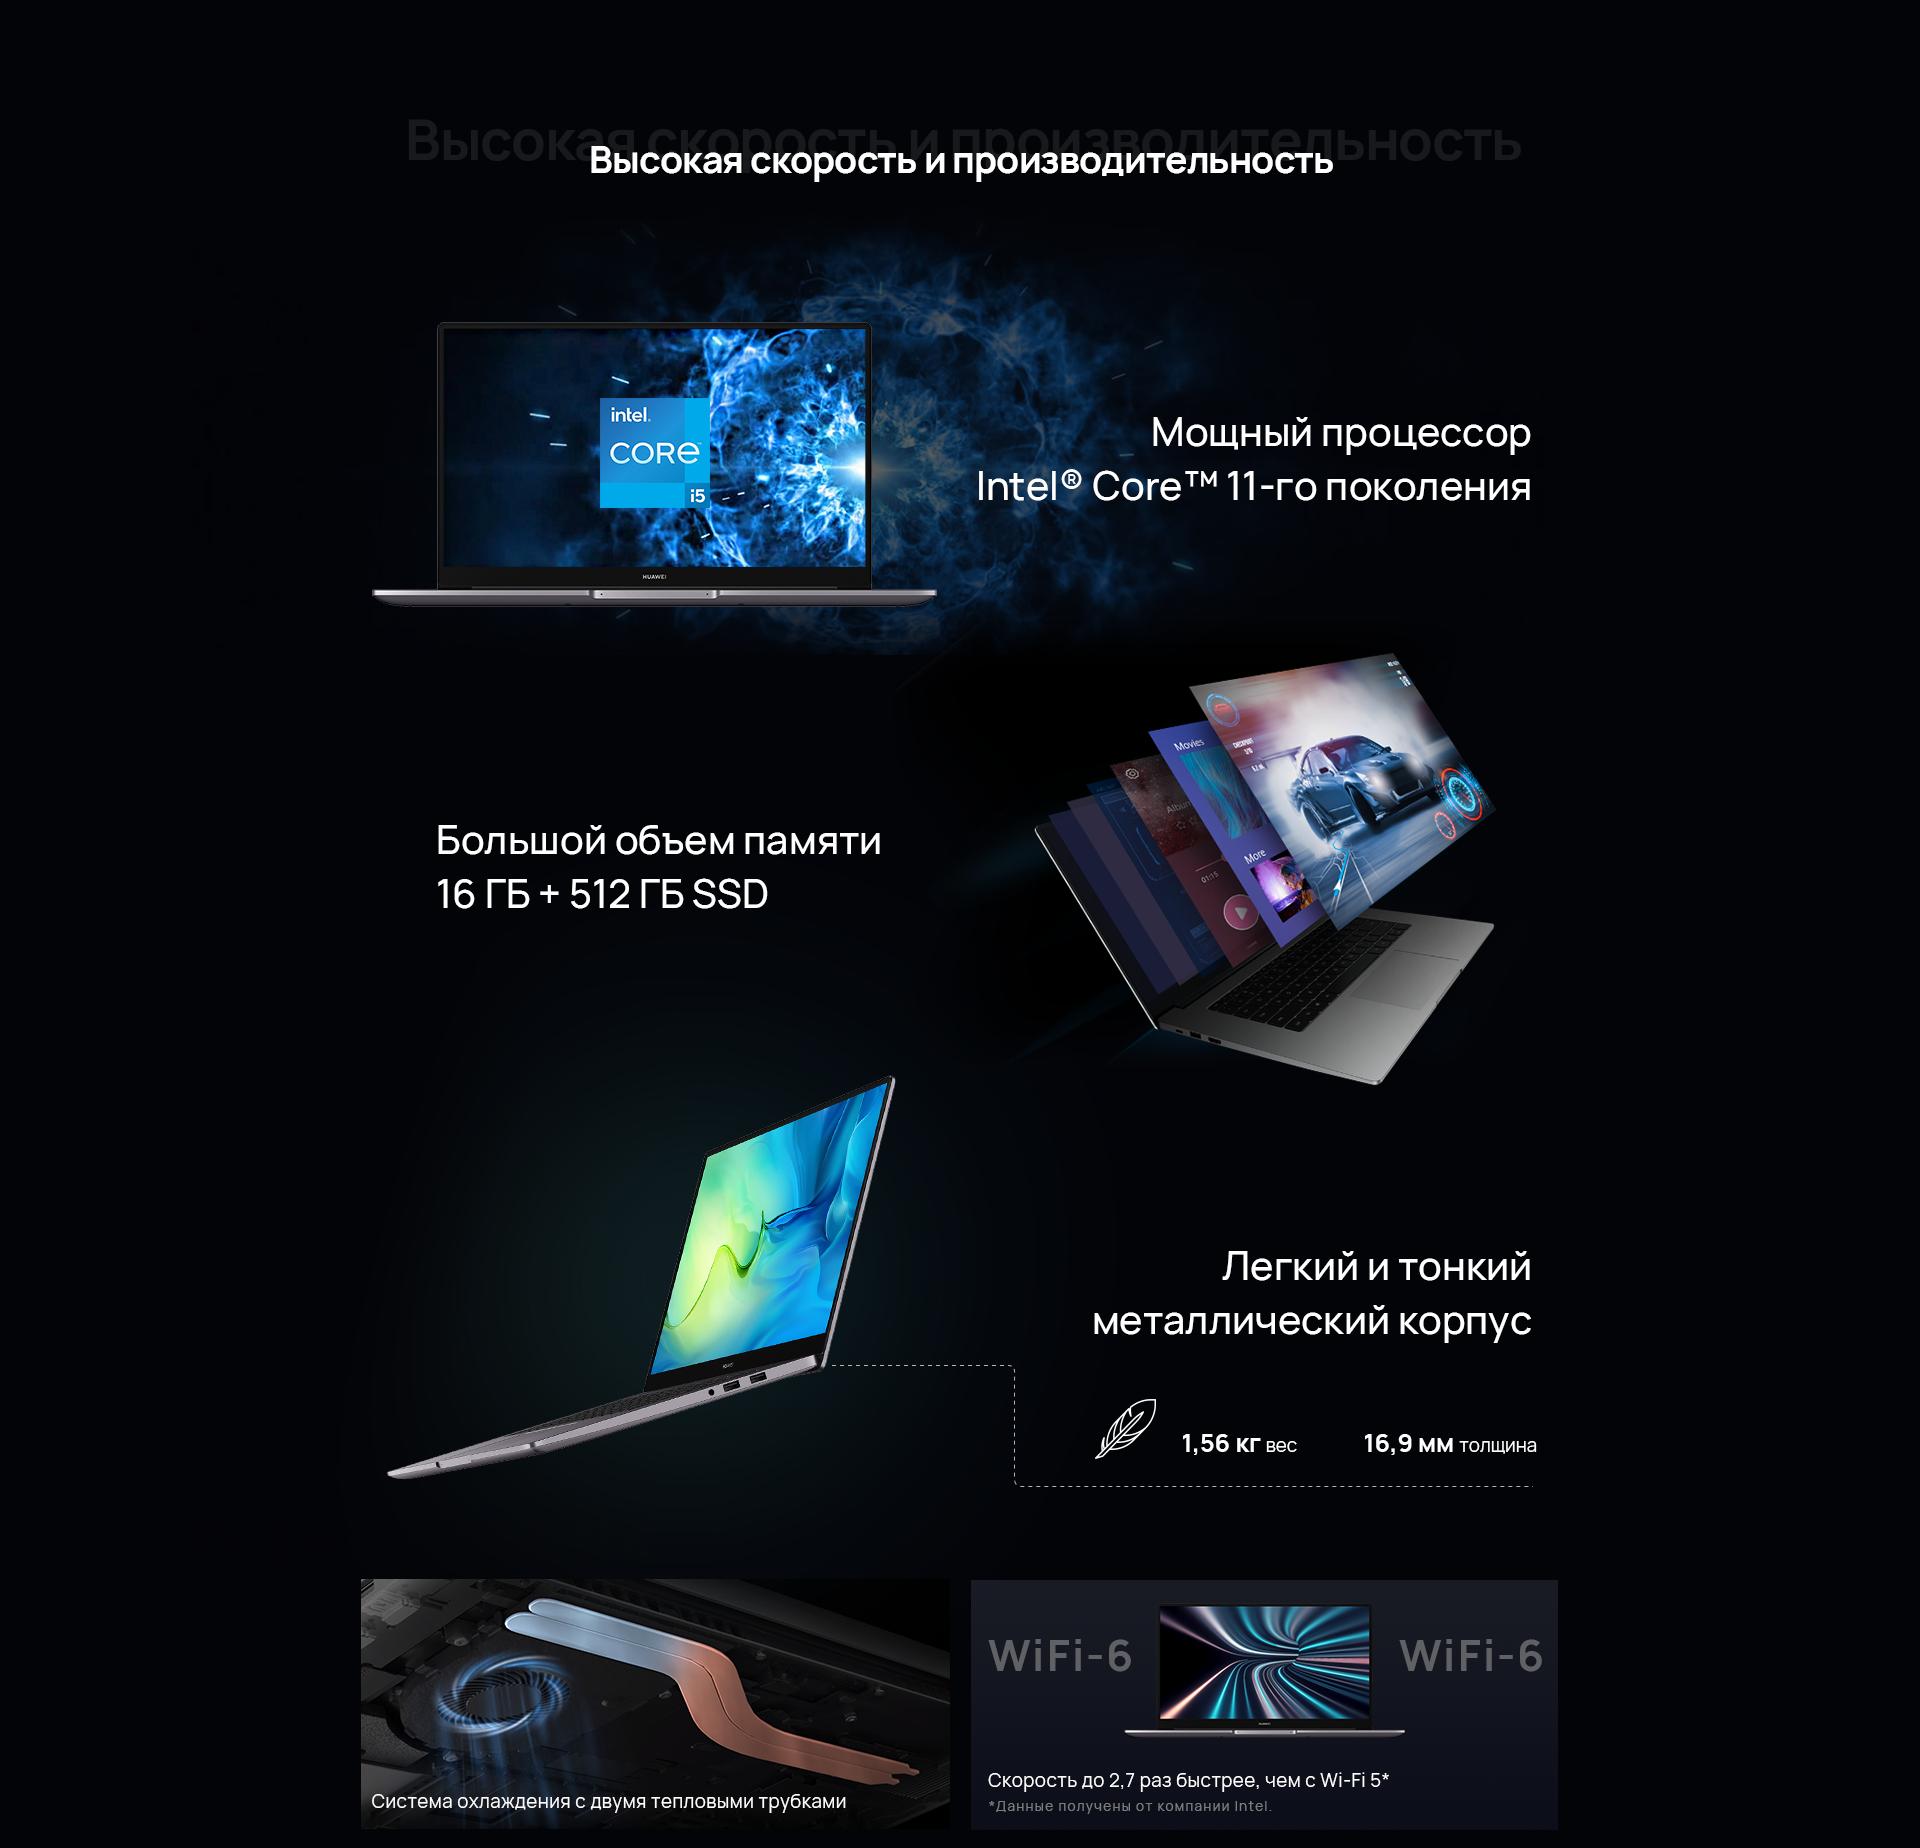 Huawei matebook Высокая скорость и производительность